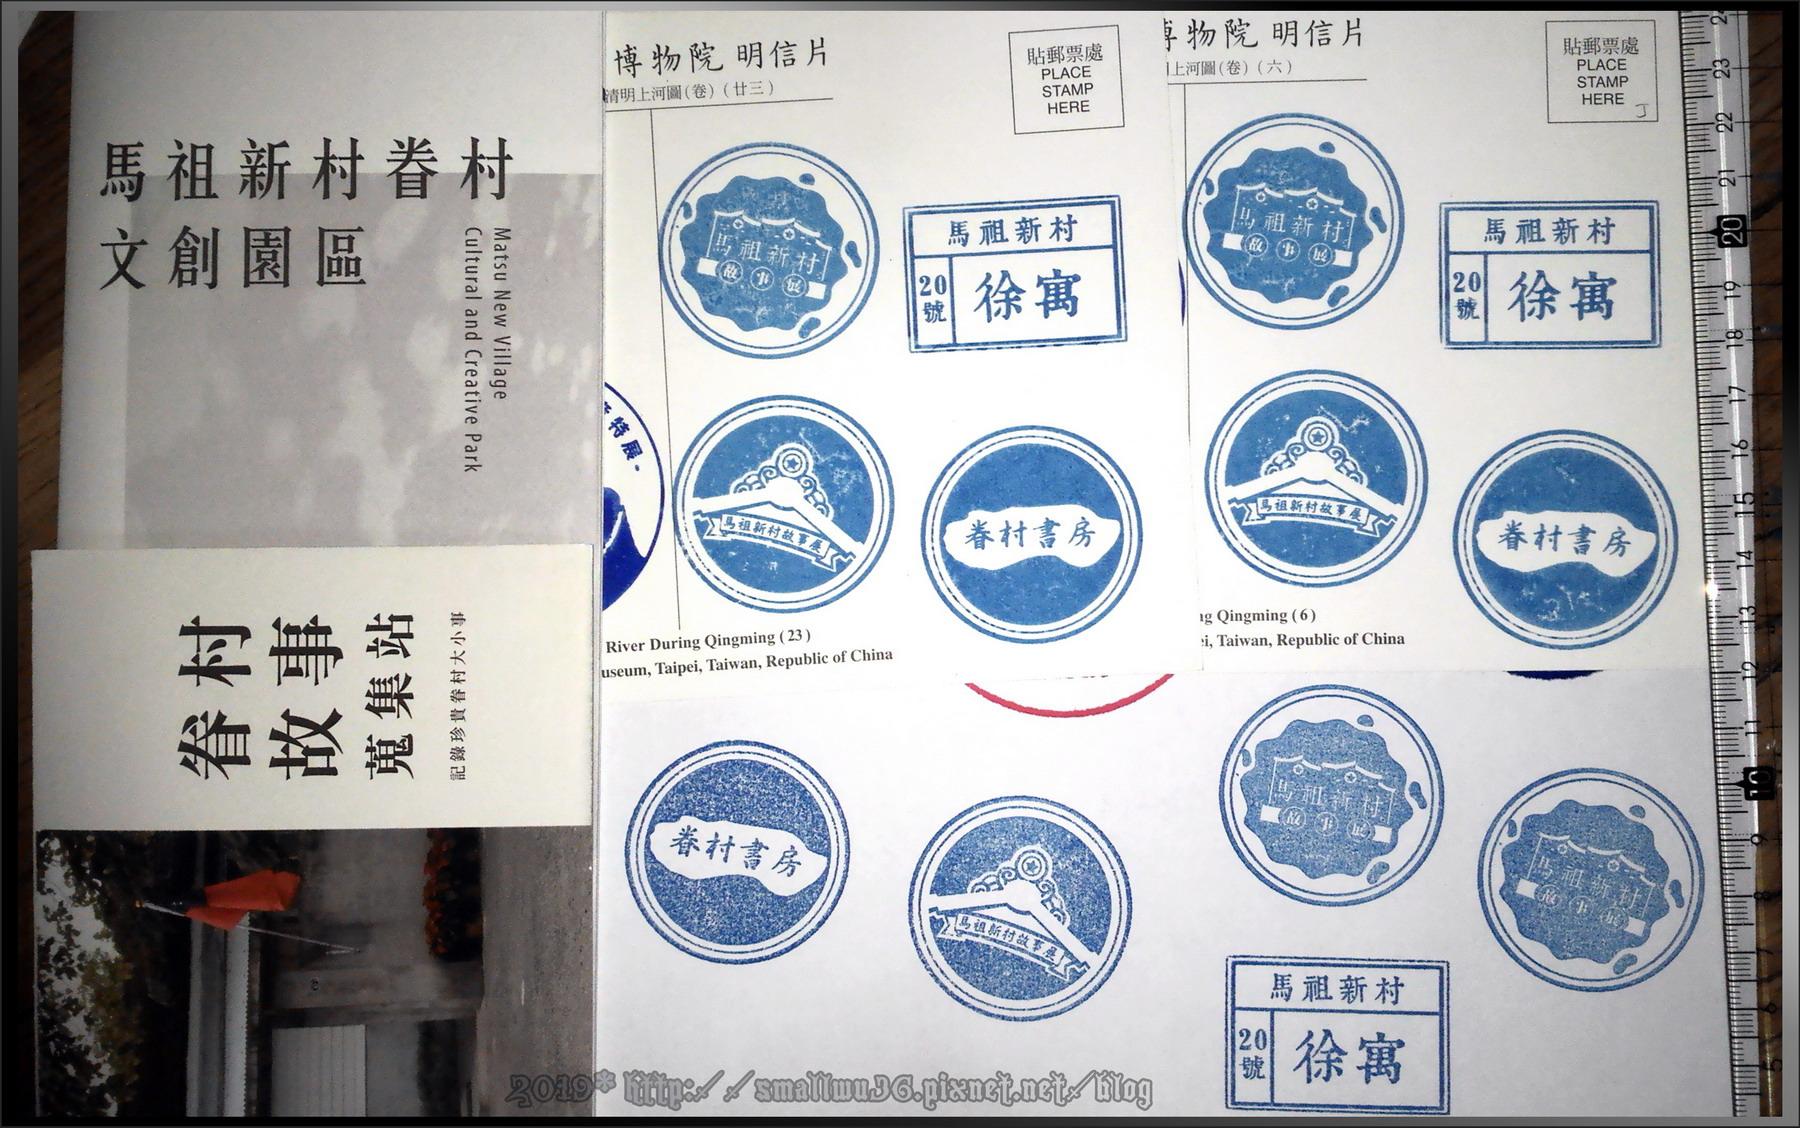 中壢光影-眷村馬祖新村-日常聲紋-02.jpg